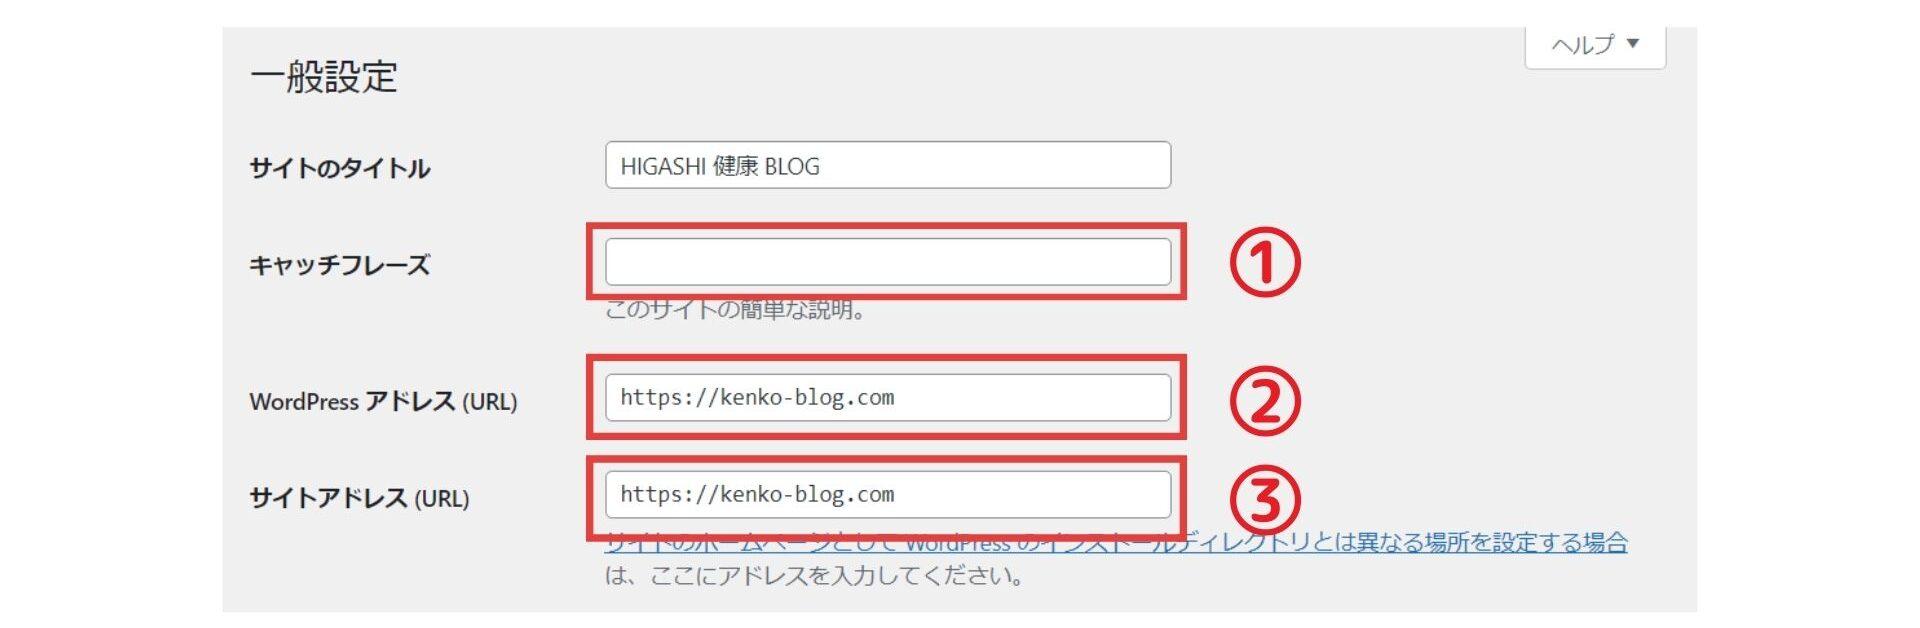 8.Wordpressアドレスとサイトアドレスを「http」→「https」にする